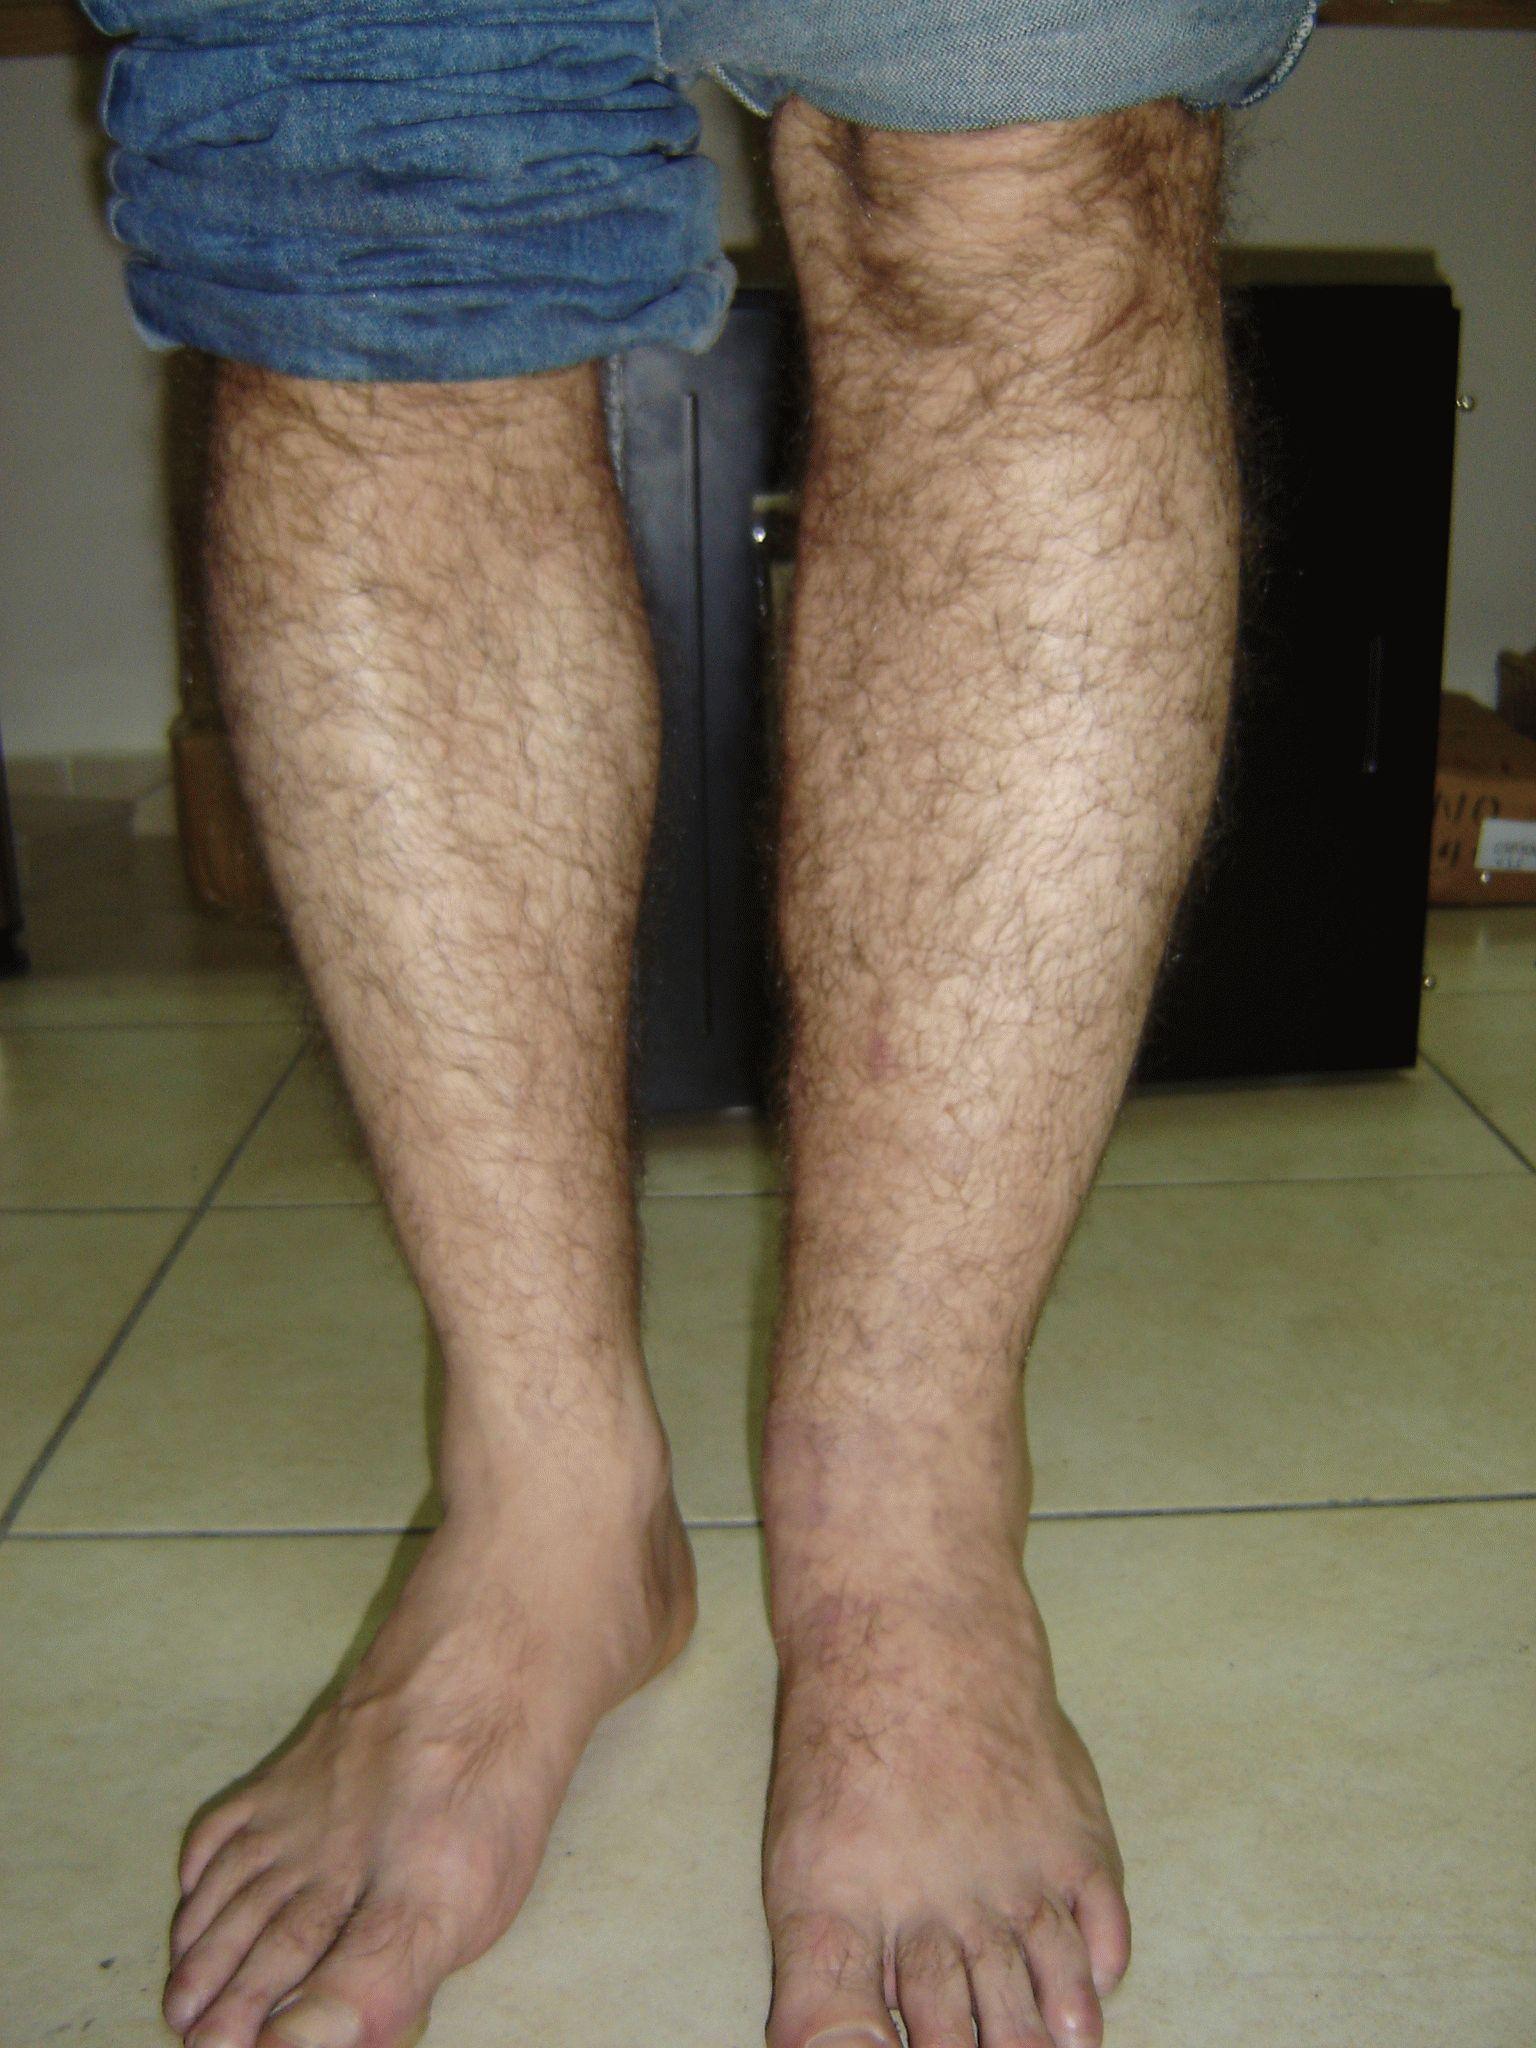 отек голени одной ноги